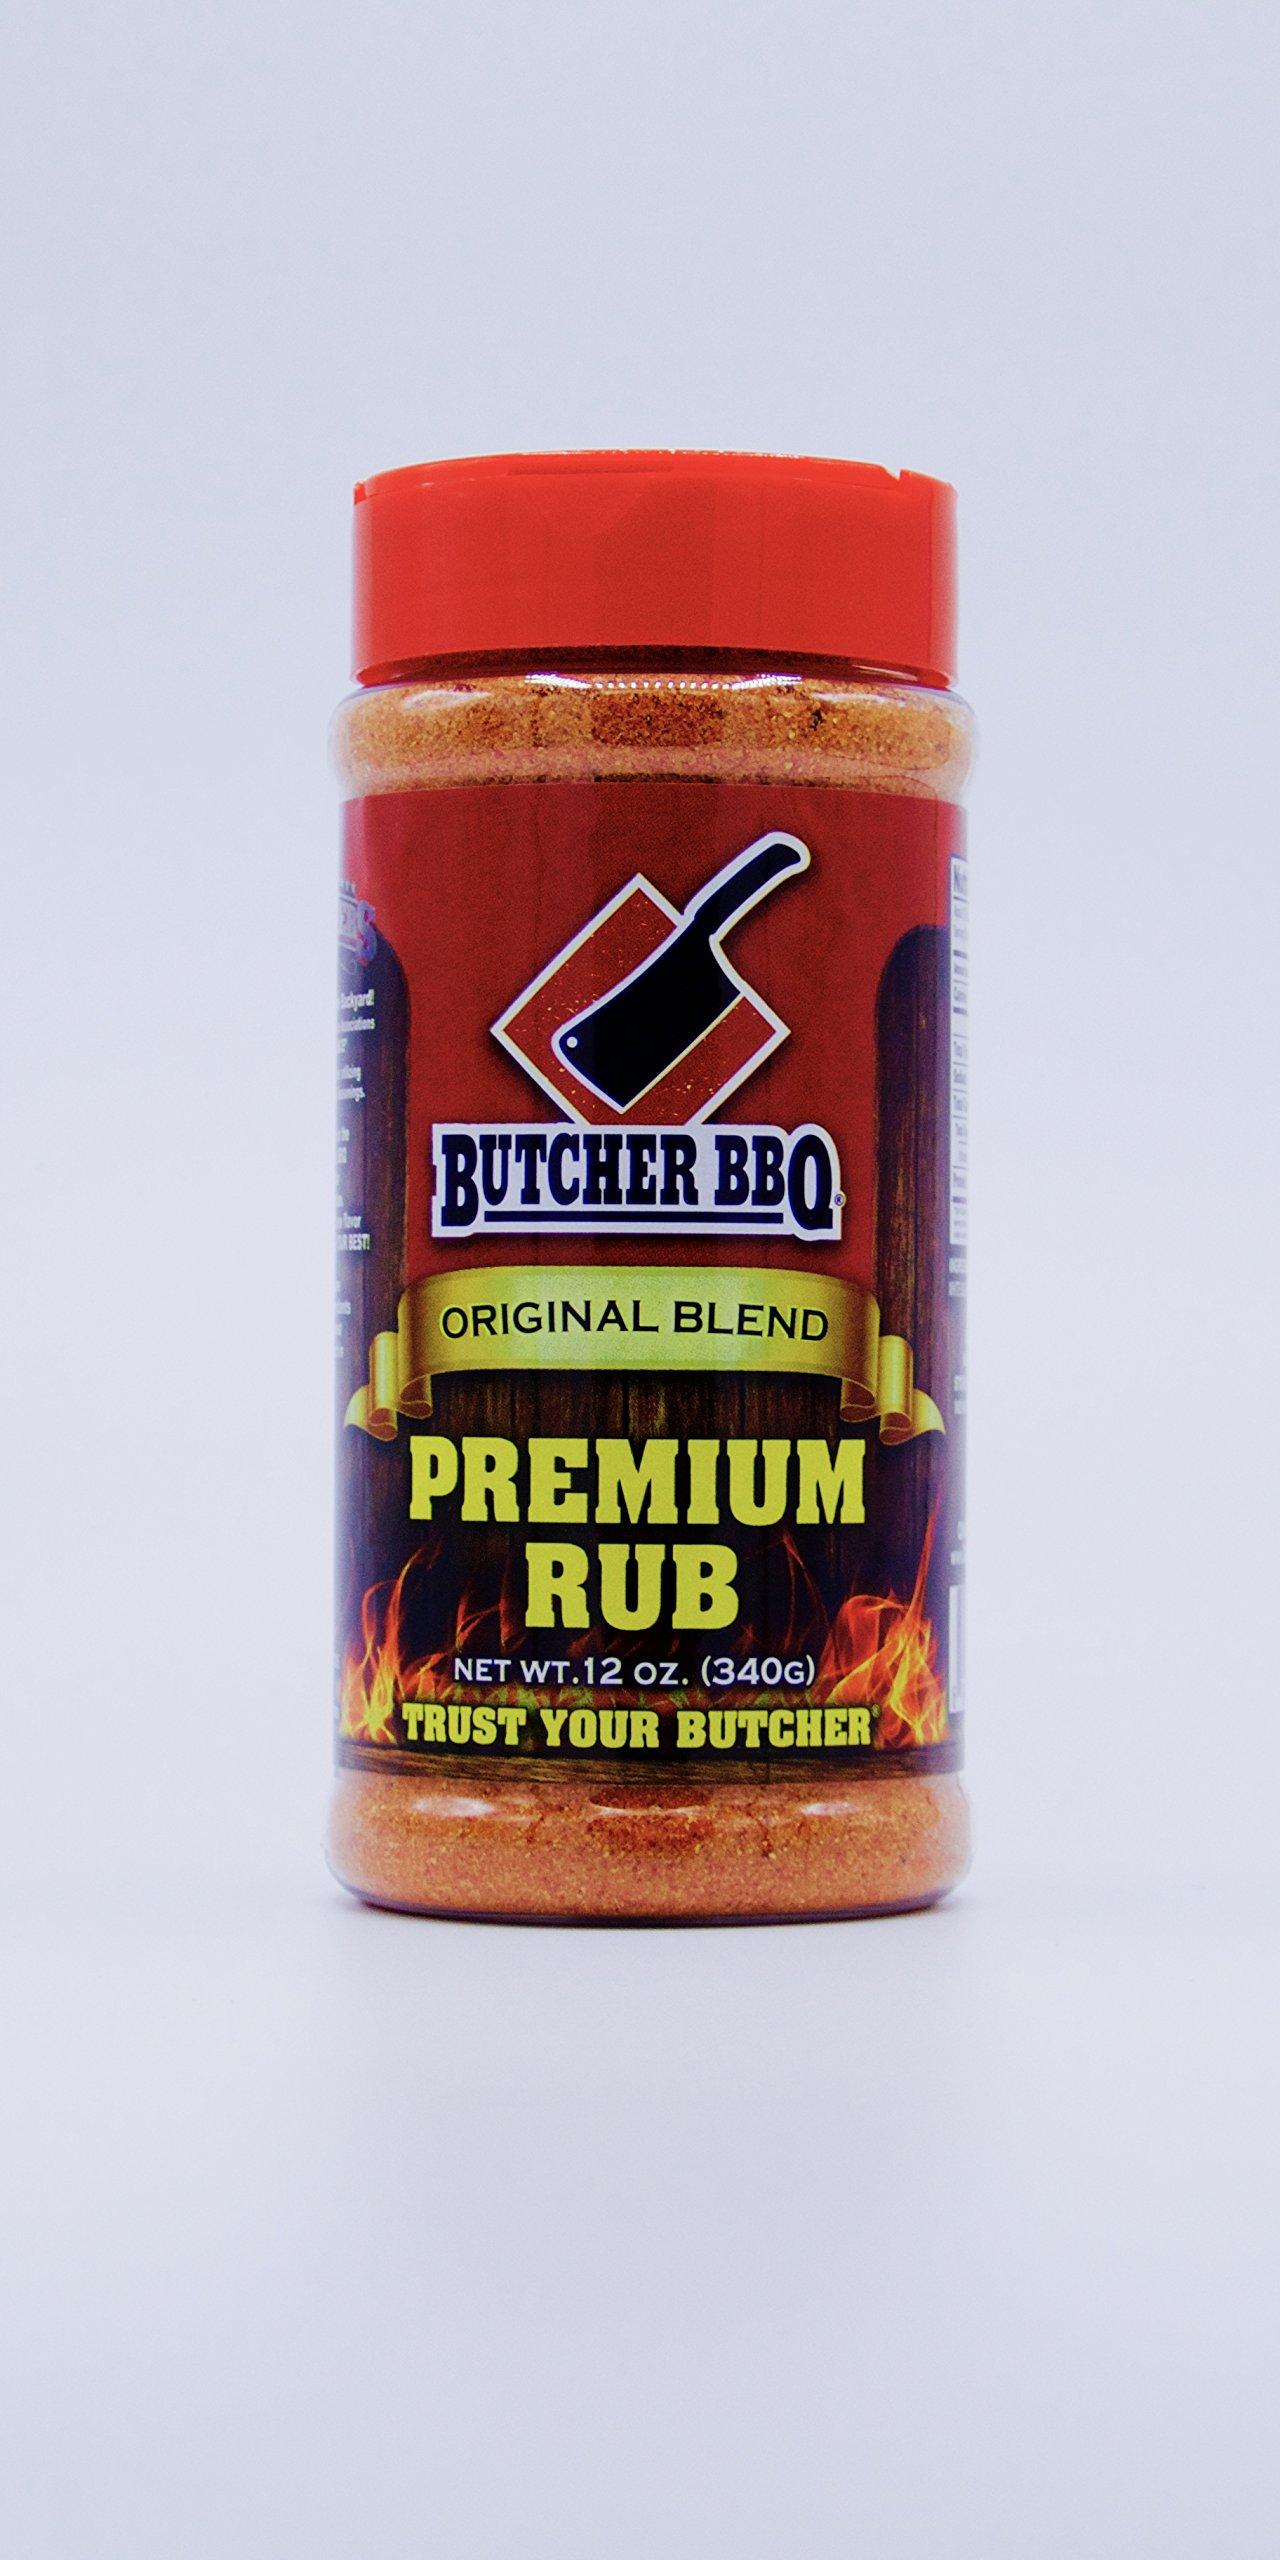 Butcher BBQ The Premium Rub 12oz